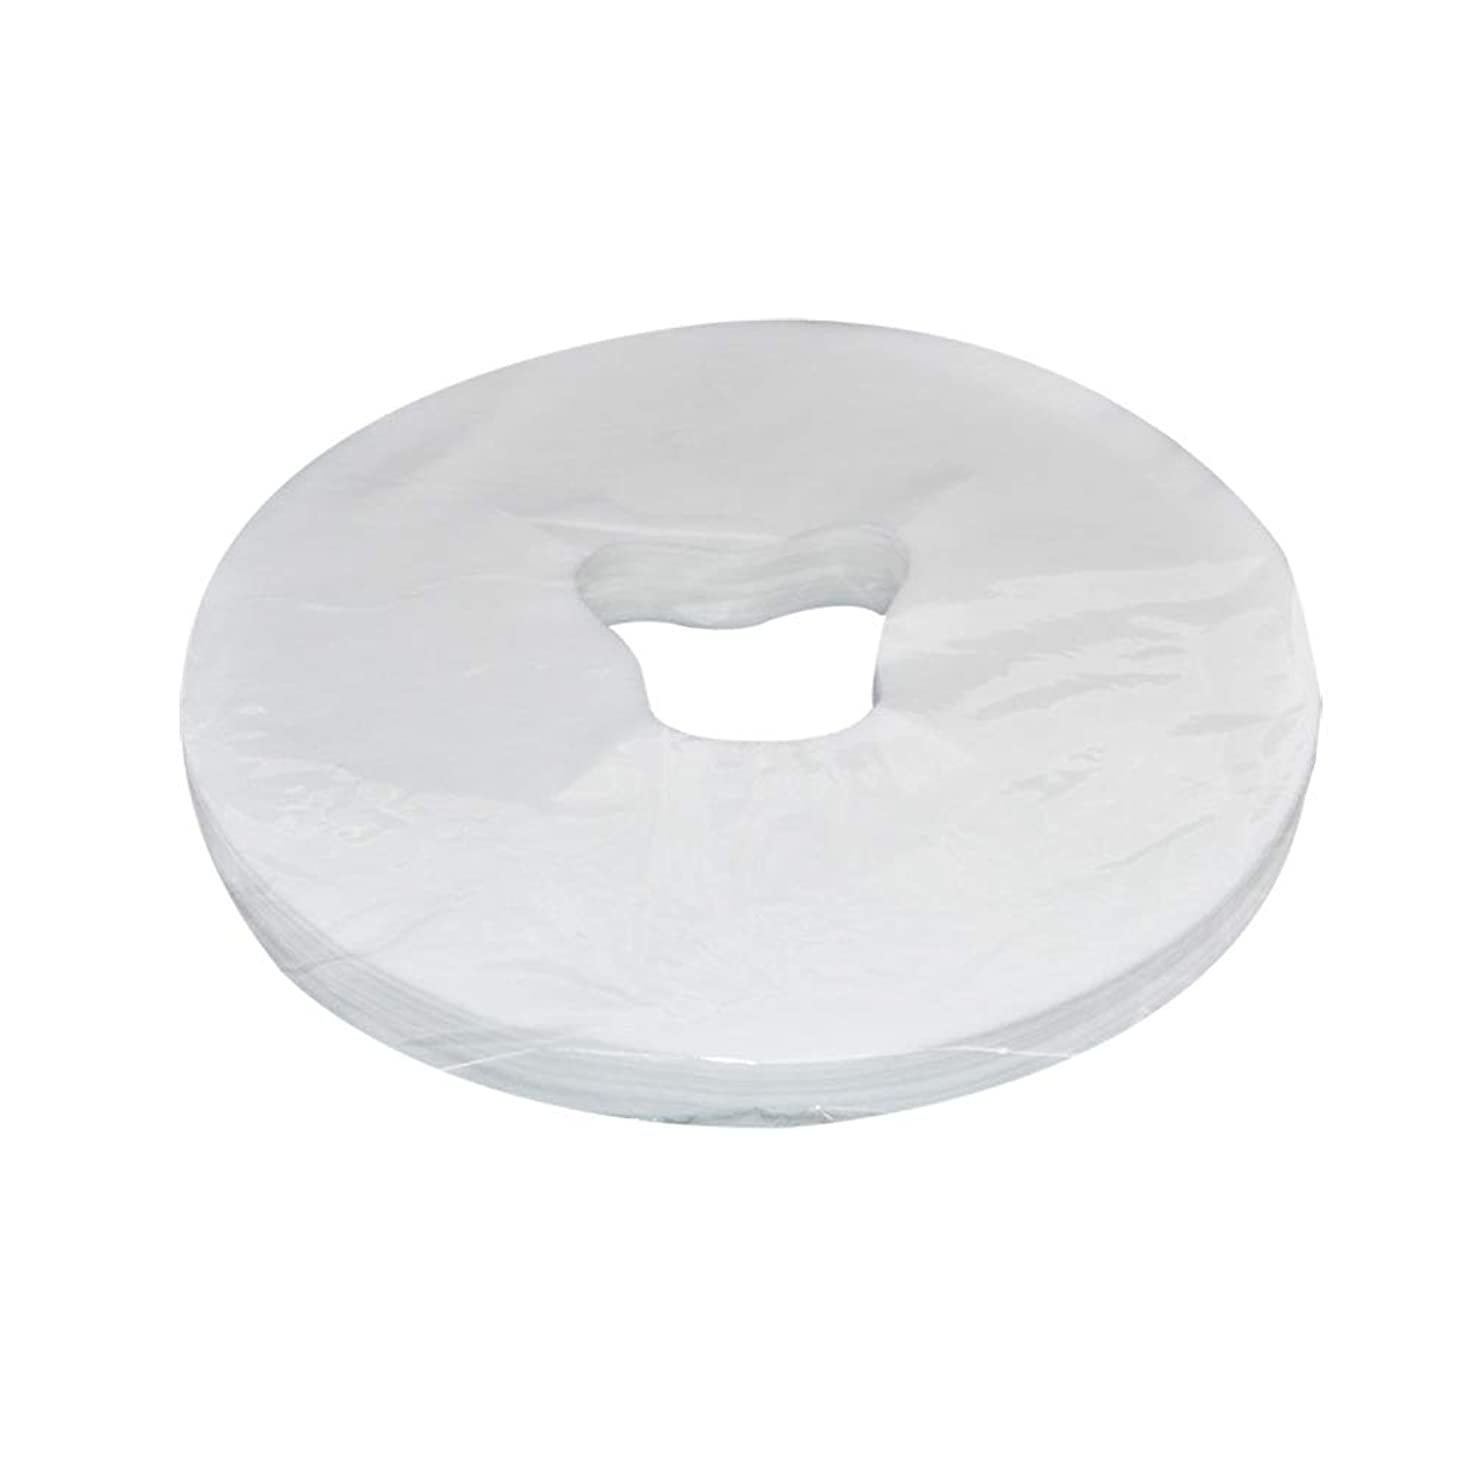 レキシコン幾何学ヒュームHealifty 100シート無織布巾 使い捨て マッサージフェイスピローカバー フェイスカバー ヘッドレストピローシート(ホワイト)